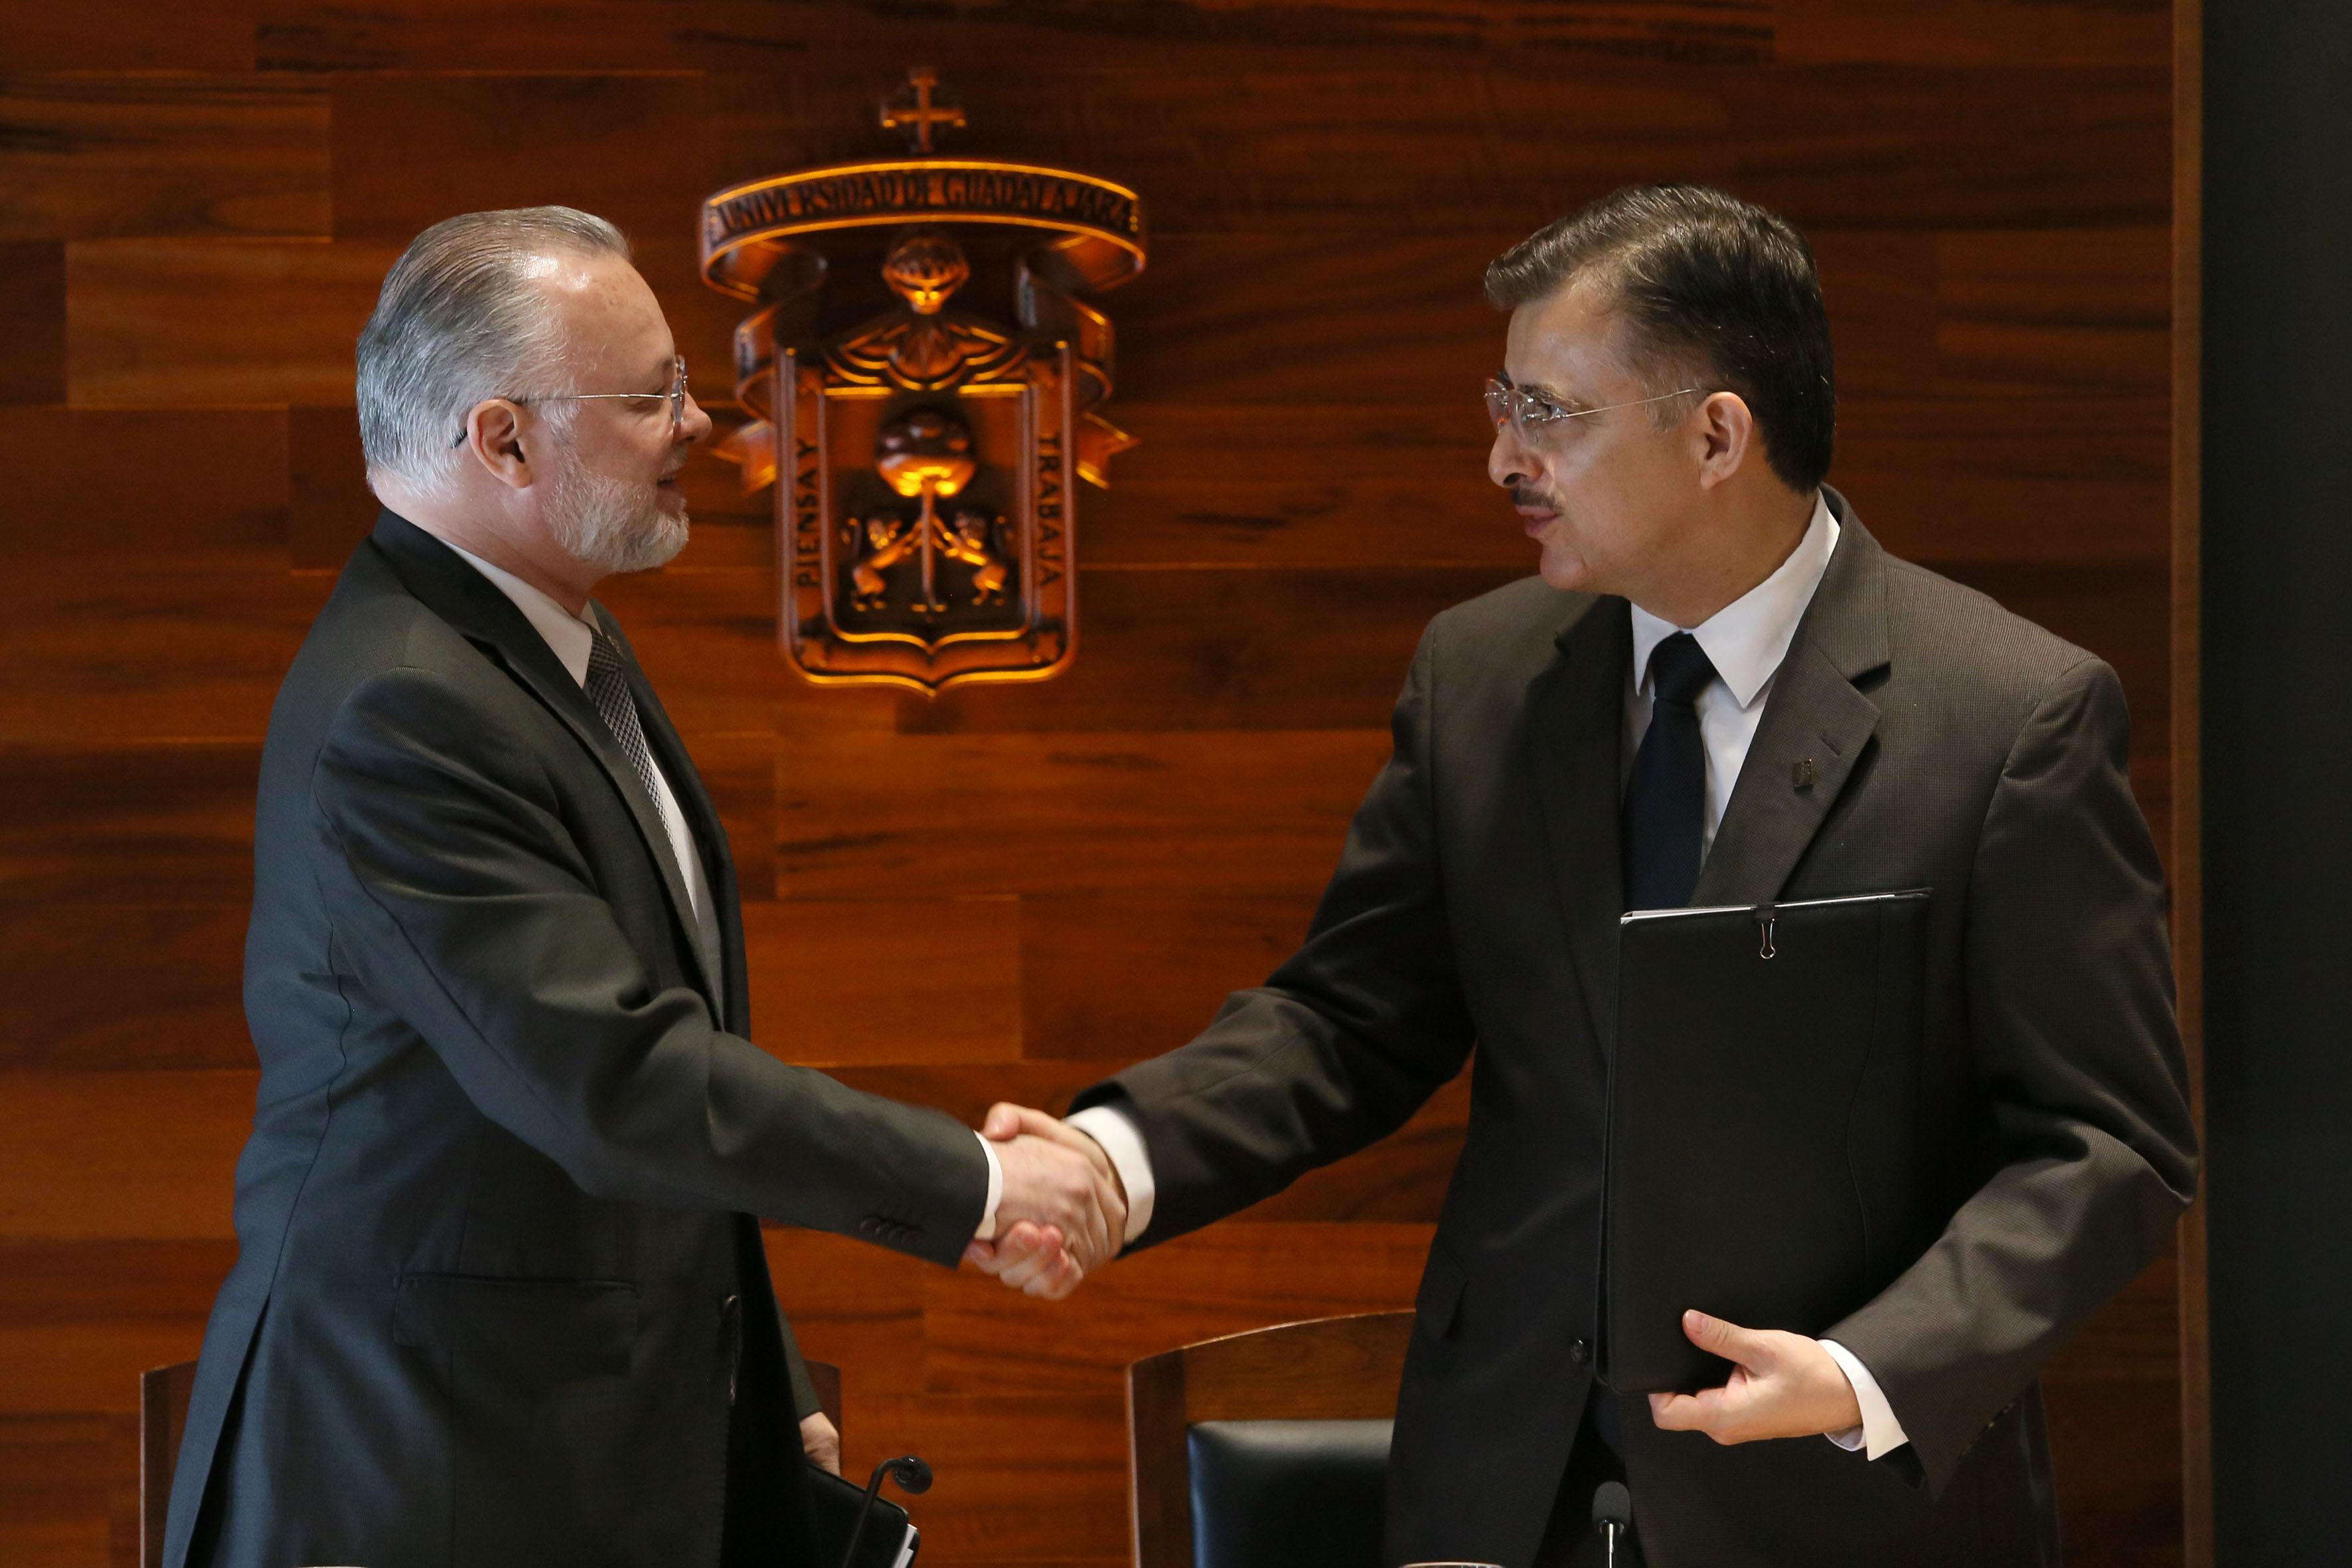 Rector General de la UdeG y  titular del Prodeur, felicitándose mútuamente por el convenio firmado.